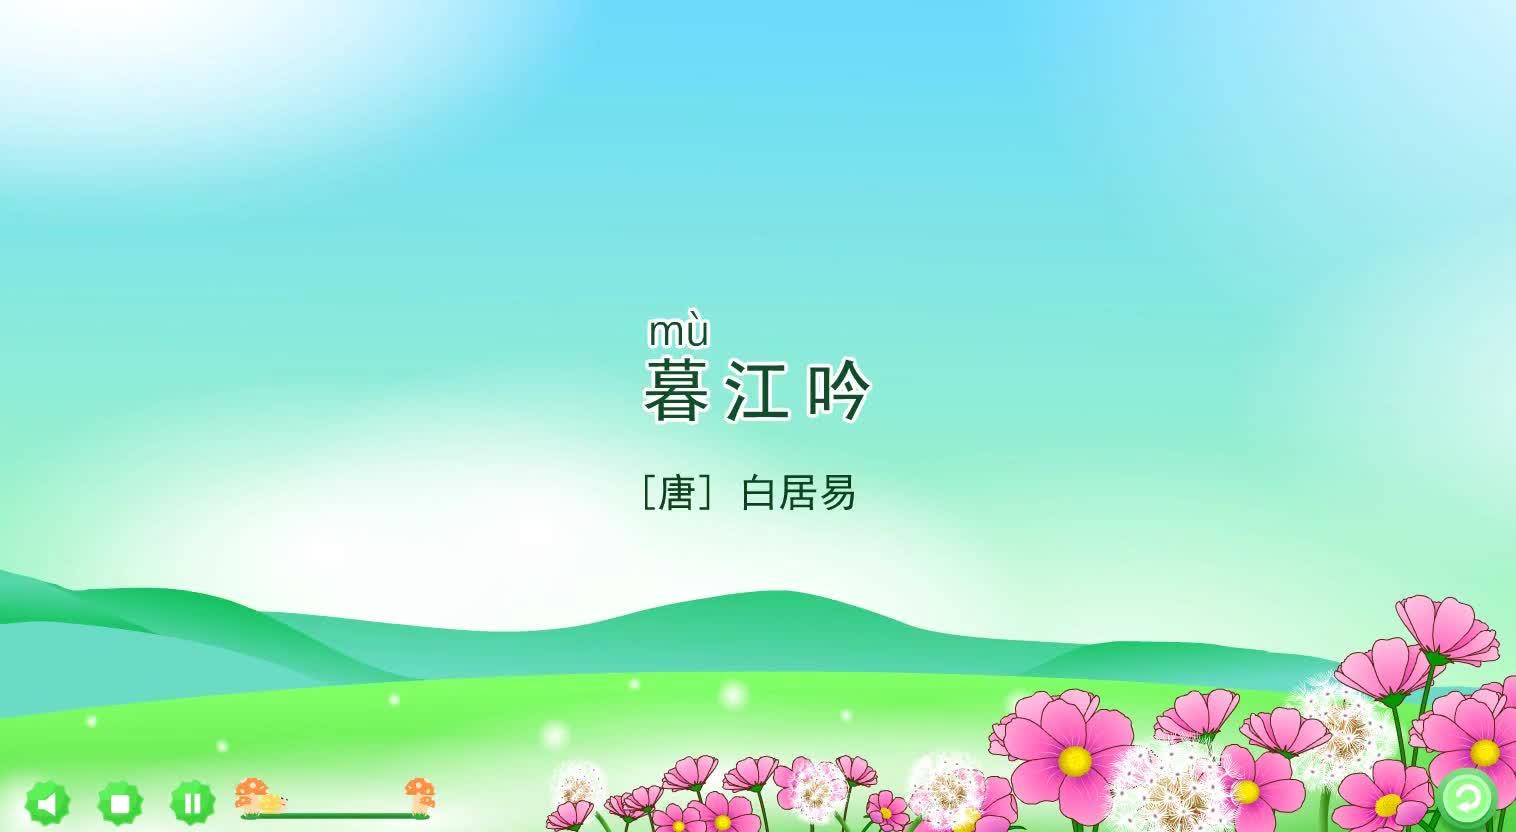 人教部编版语文四年级上册《9古诗三首暮江吟 》情景动画朗读.mp4